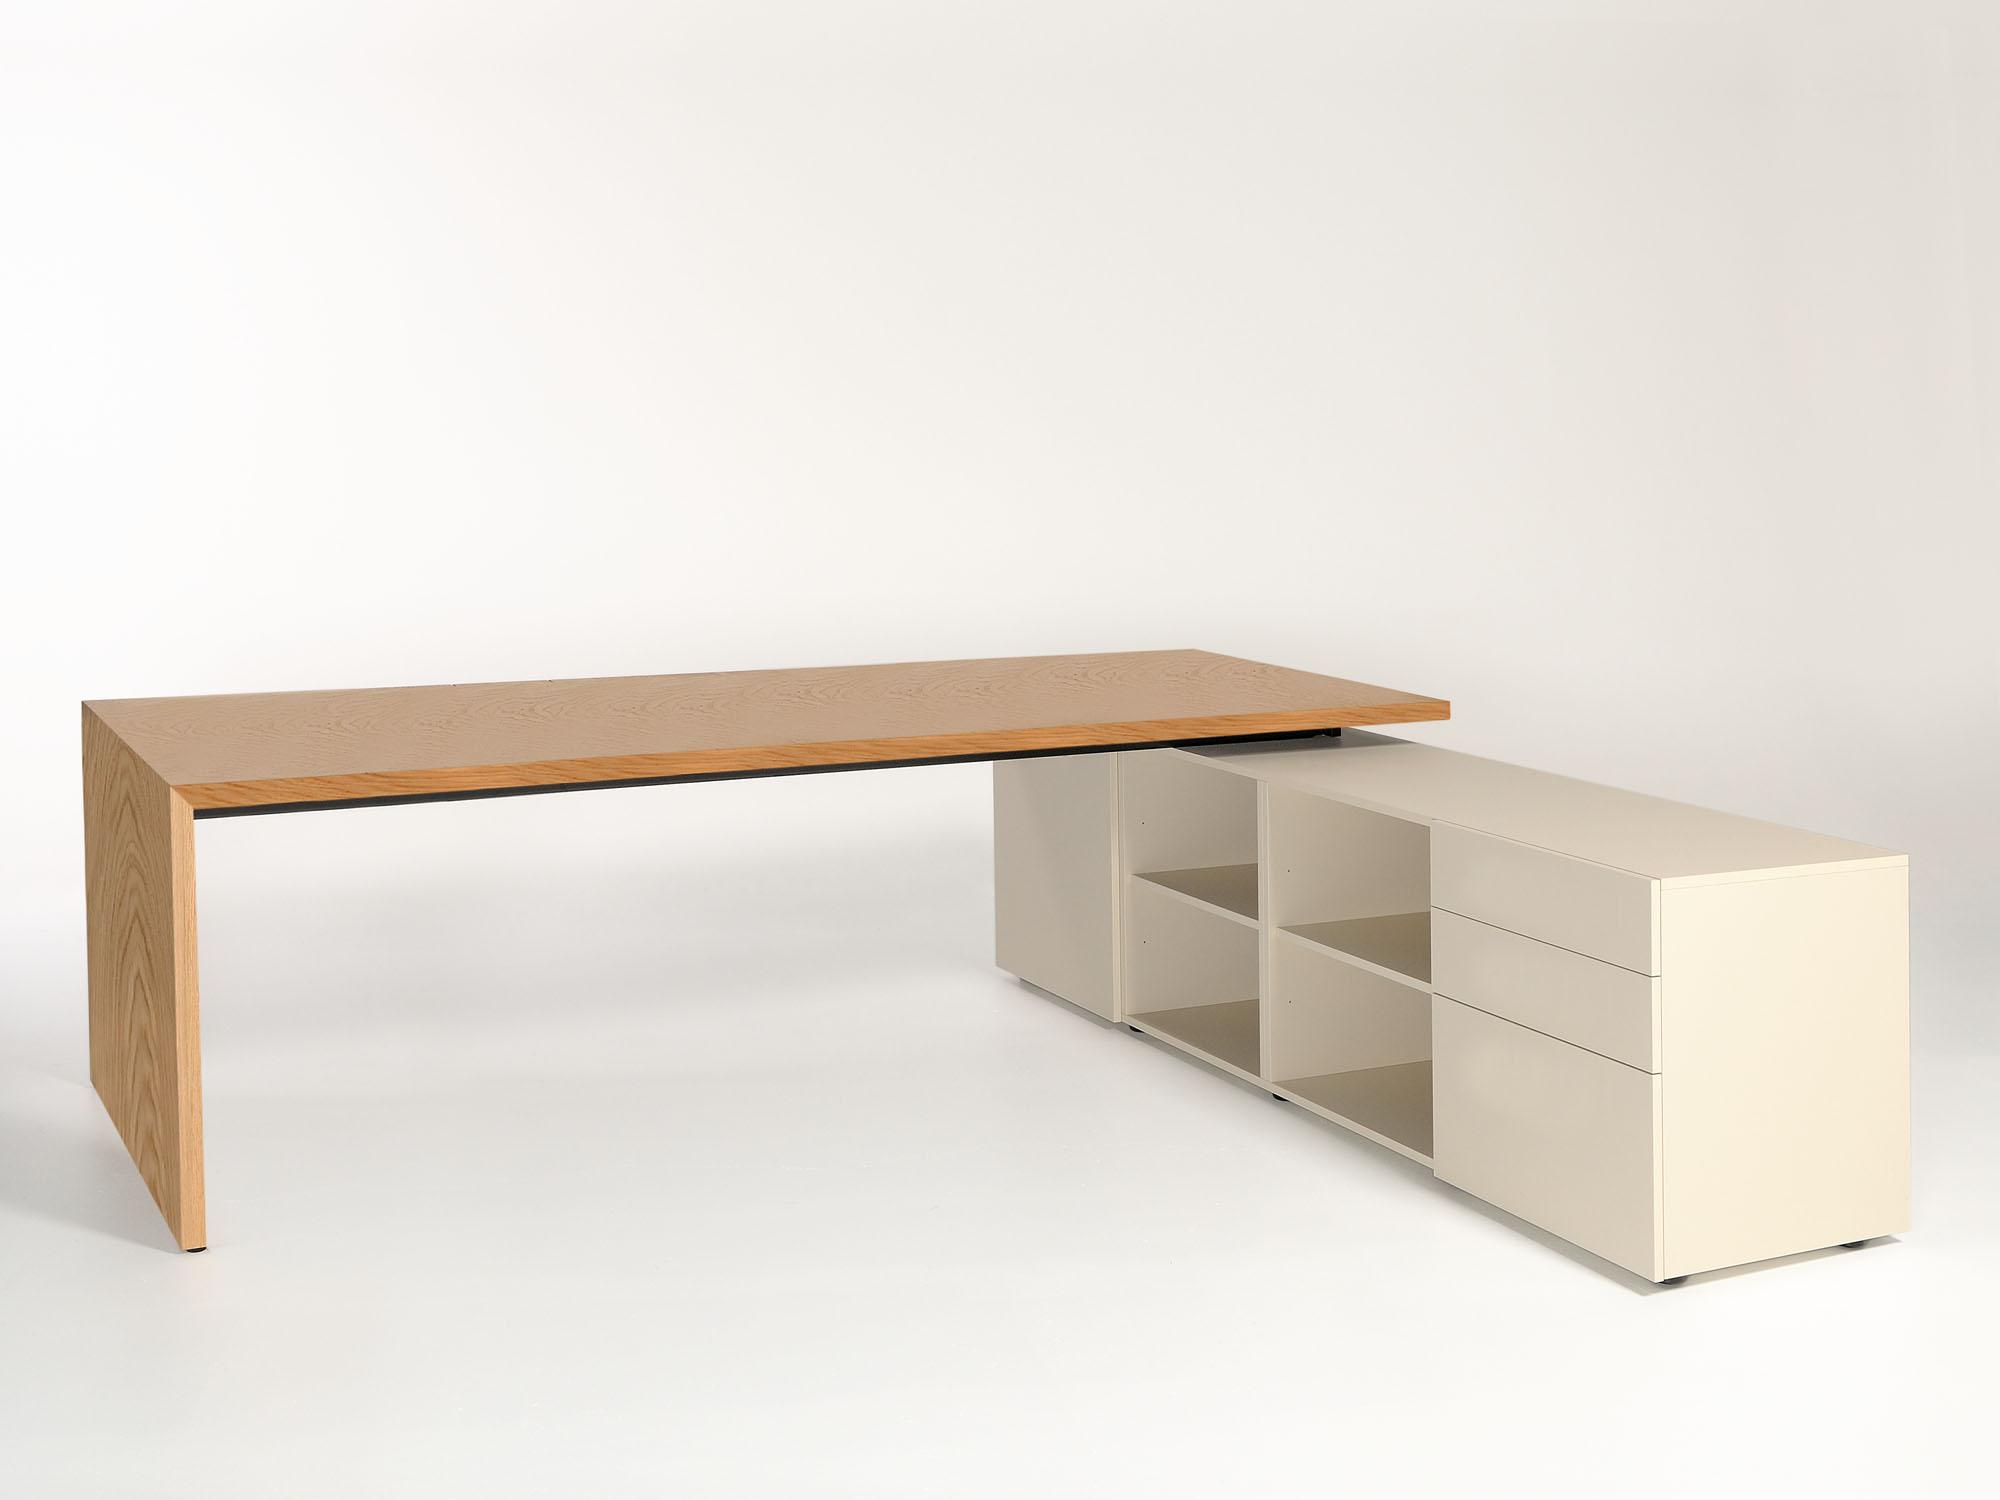 LVV met sideboard, ontwerp door Marieke Castelijn